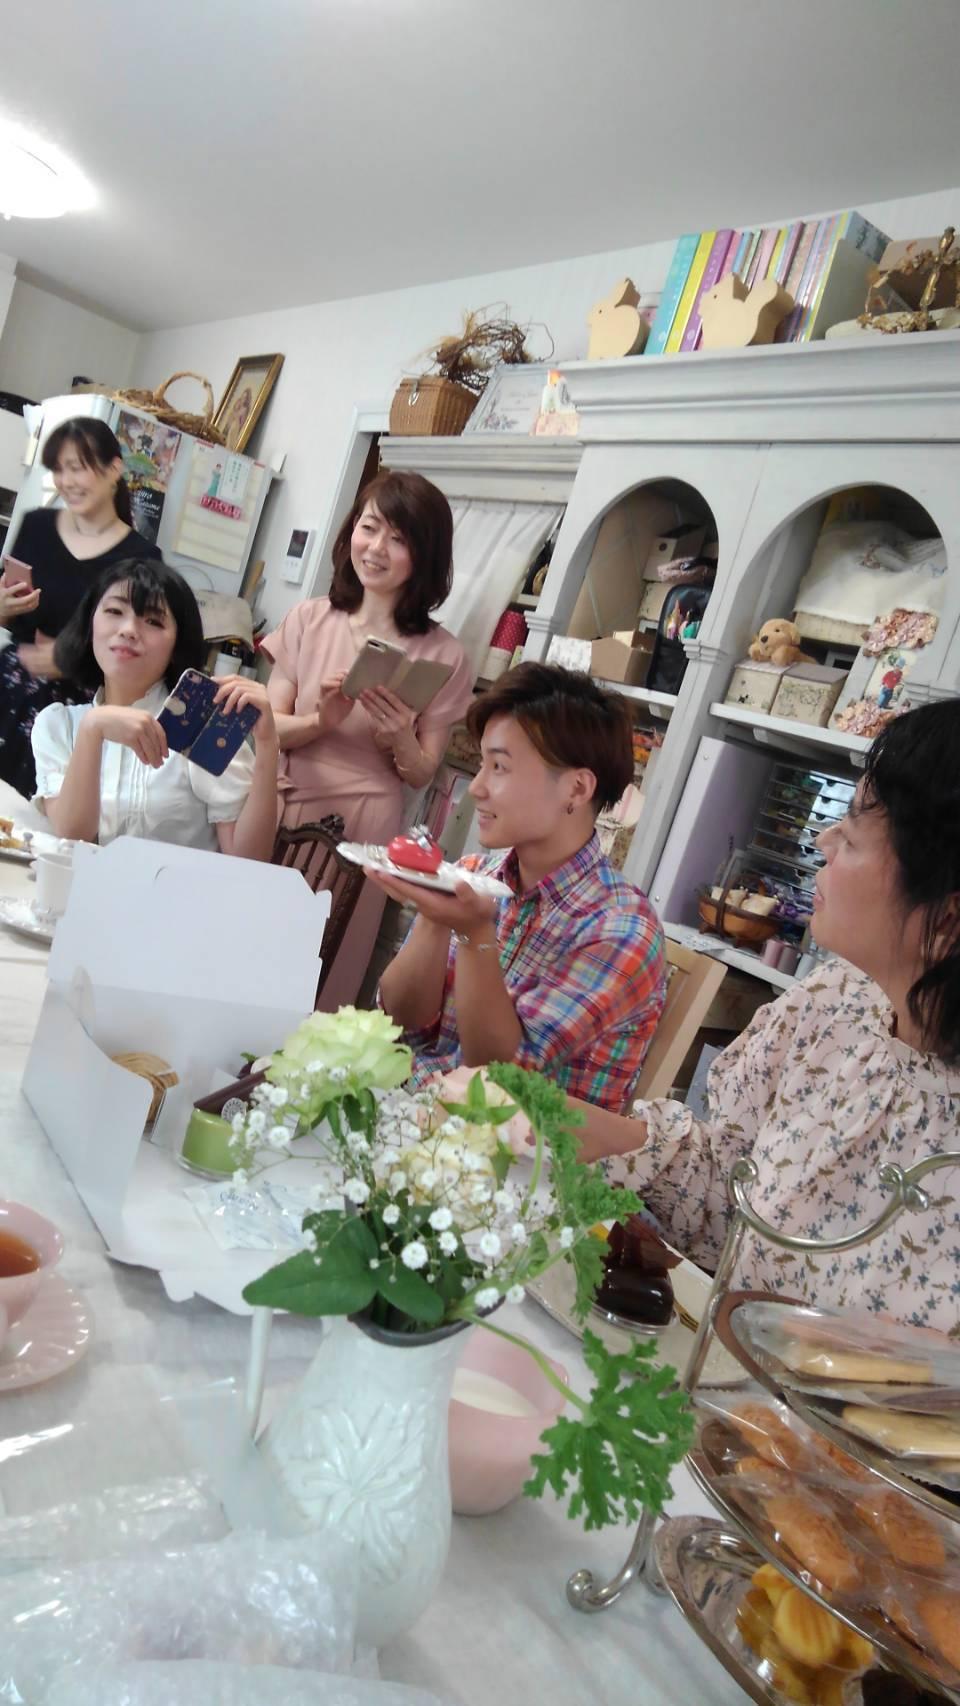 ご参加くださいました会員の皆さまありがとうございました♡Seijiroファンクラブ設立アニバーサリーファンミーティング@アトリエクレア_a0157409_22024432.jpeg